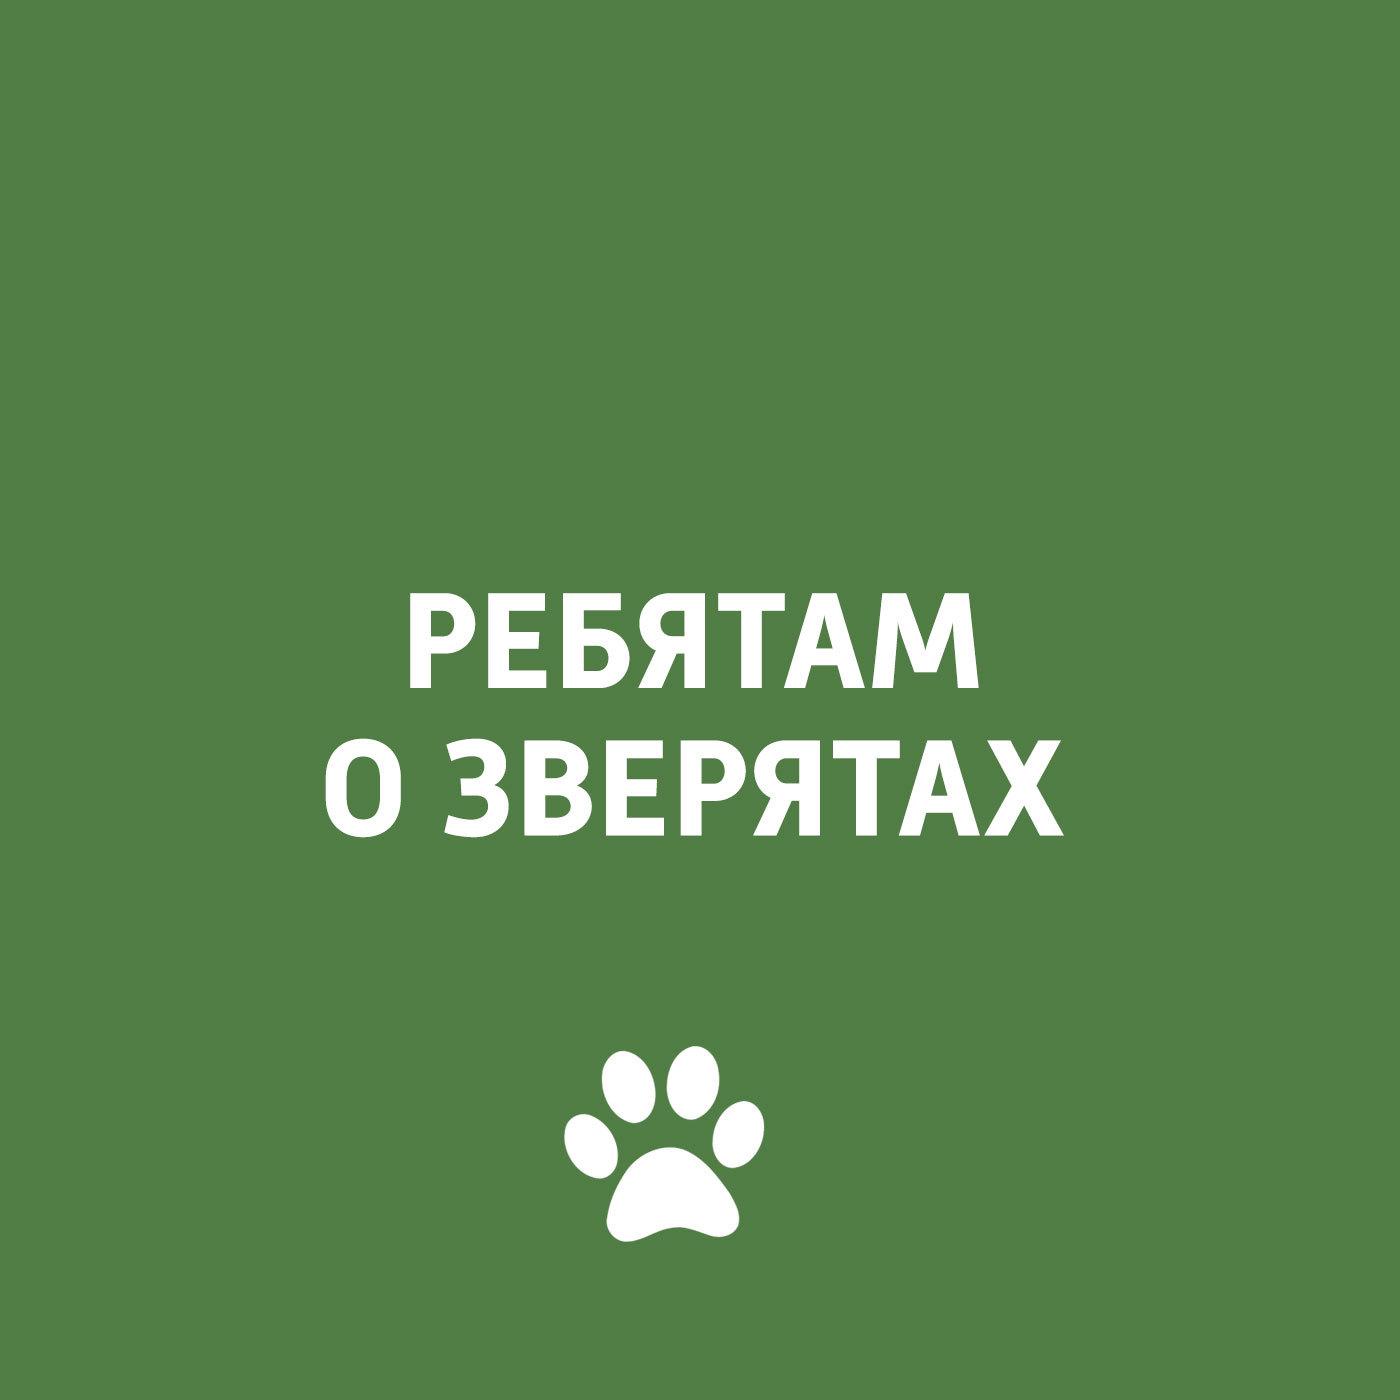 Творческий коллектив программы «Пора домой» Ухаживаем и помогает своим питомцам творческий коллектив программы пора домой вирусные заболевания у кошек и собак